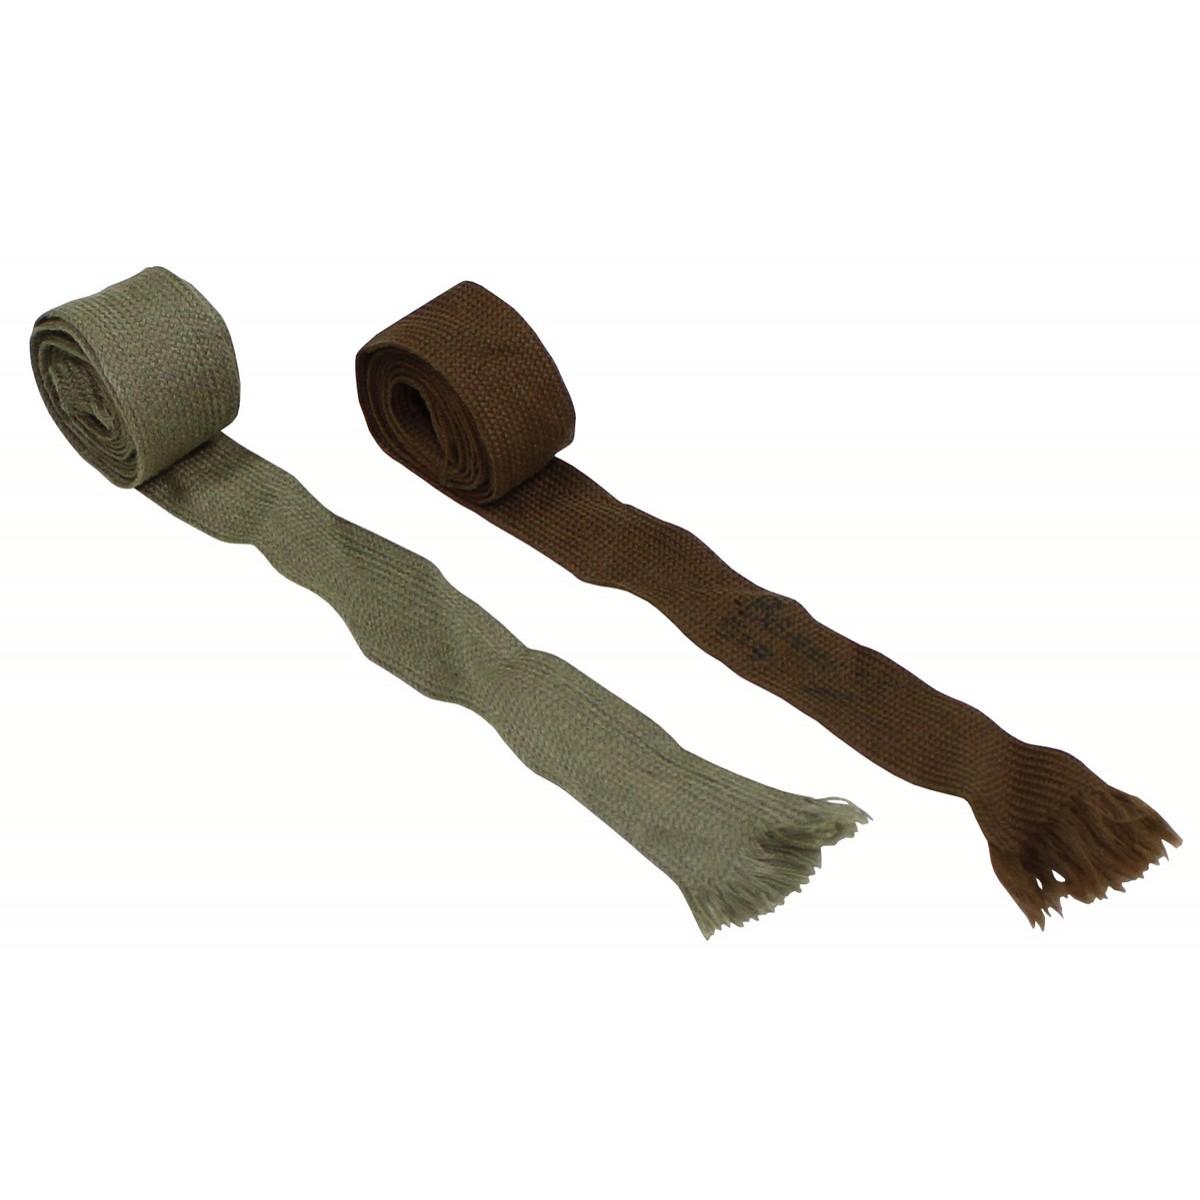 Kravata BRITSKÁ použitá original